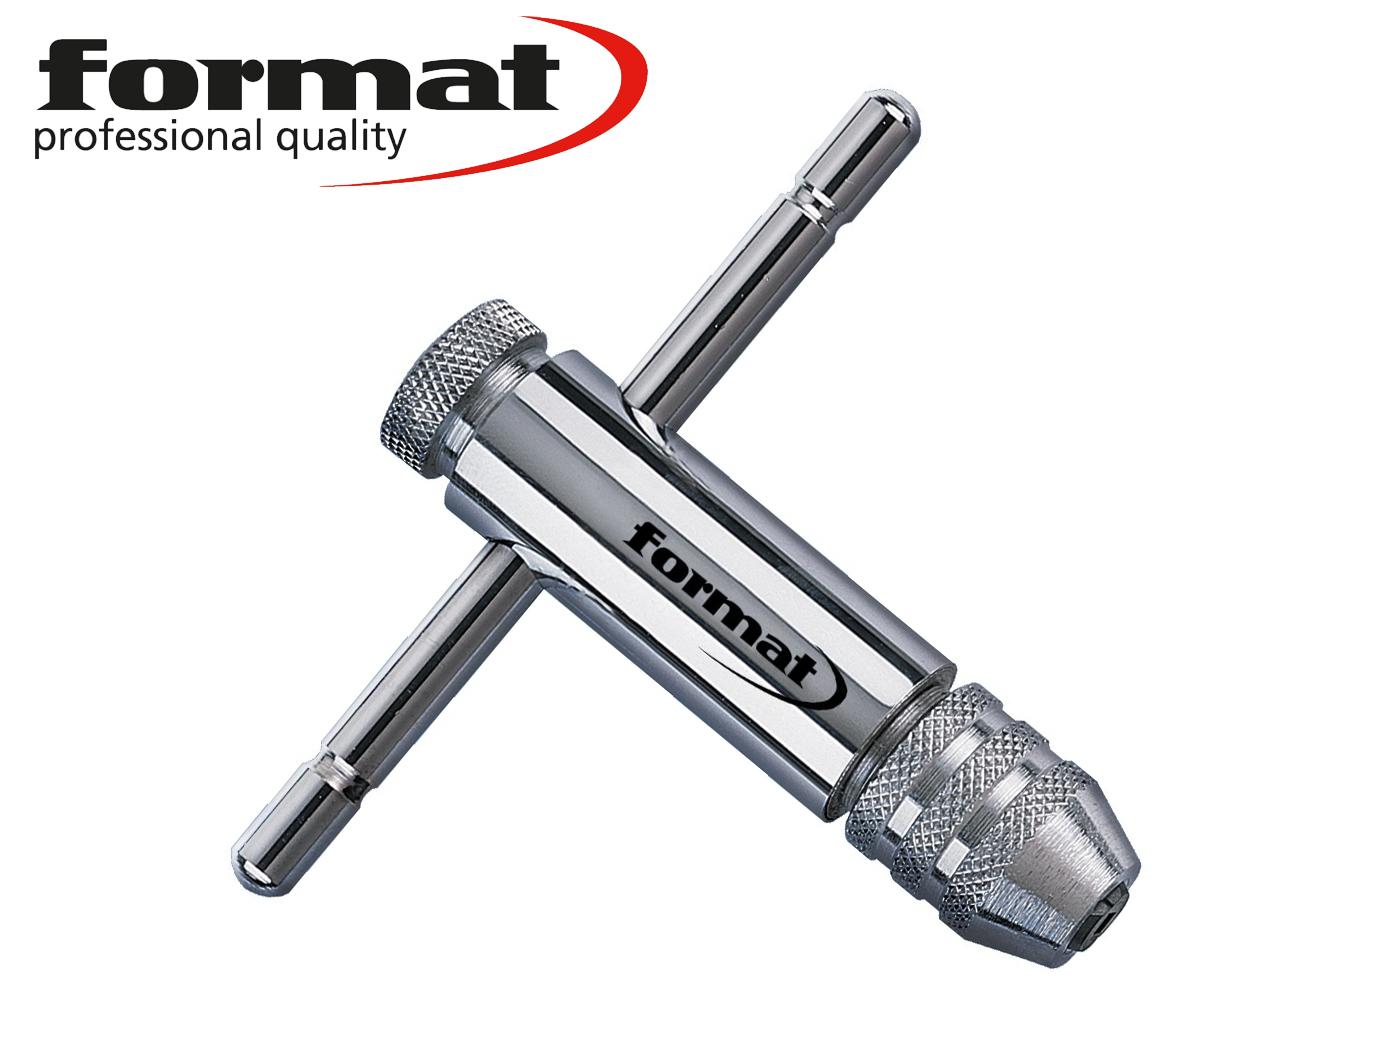 Ratel taphouder | DKMTools - DKM Tools